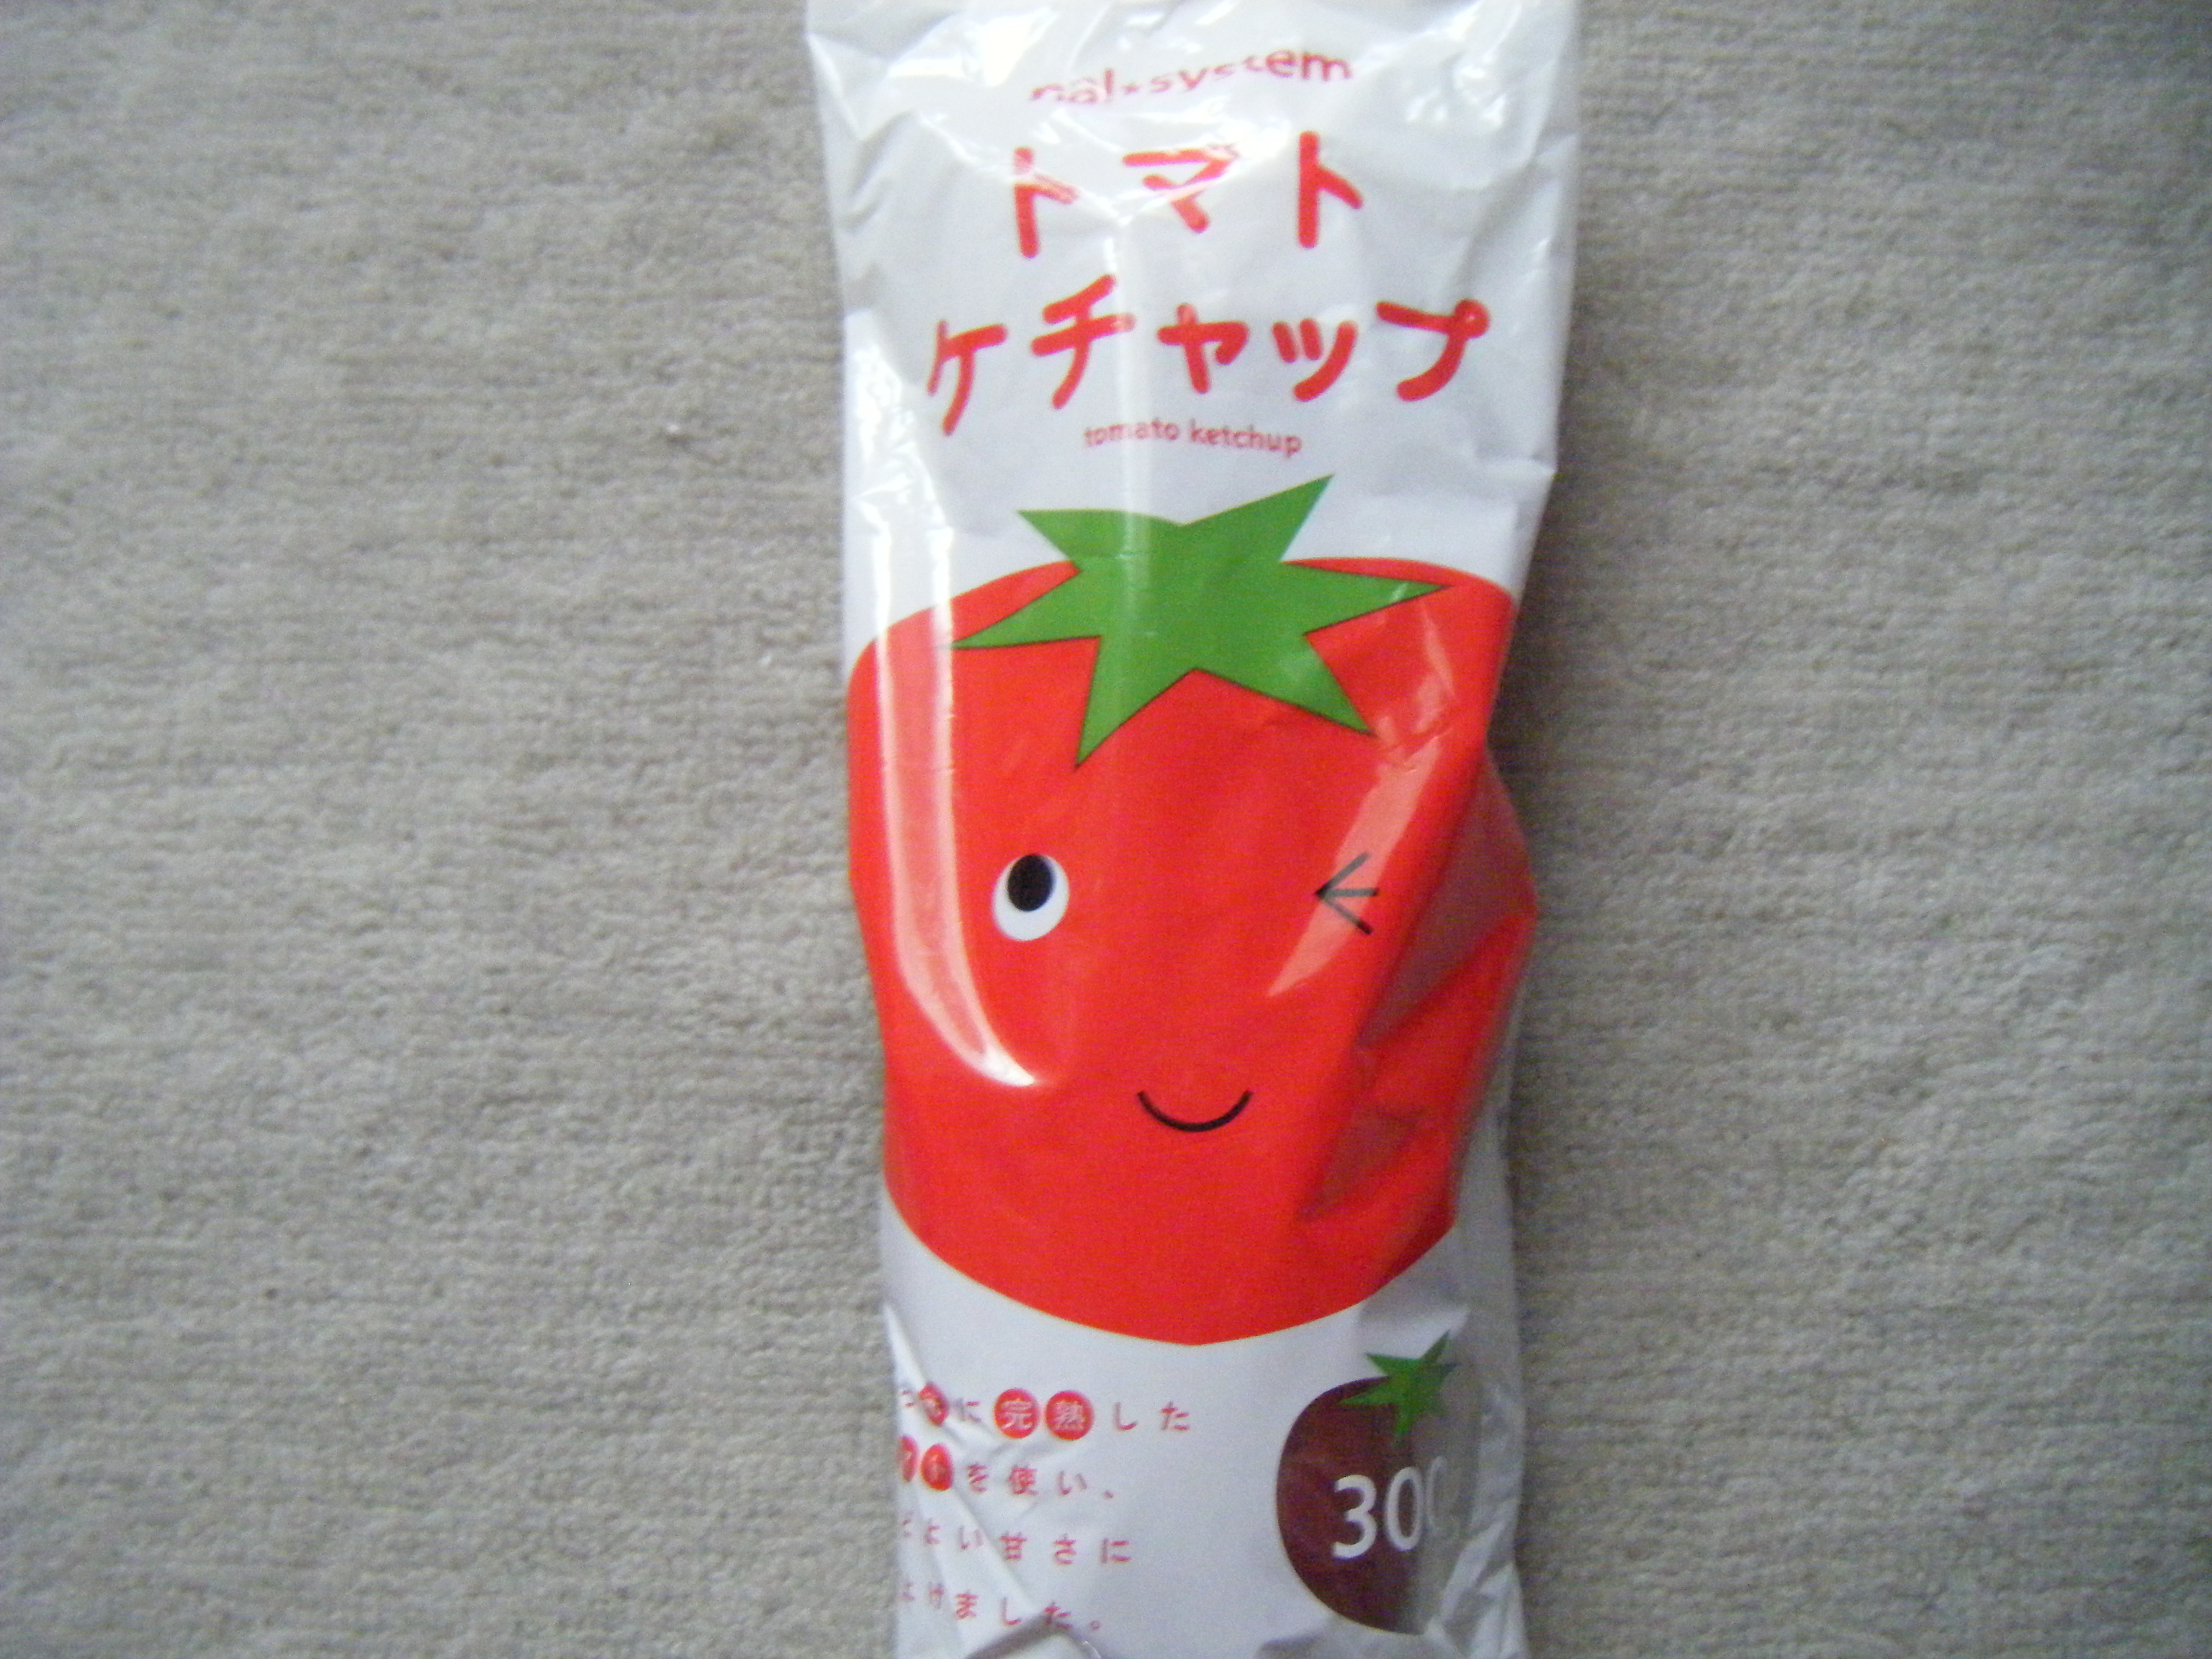 トマトケチャップはすごい